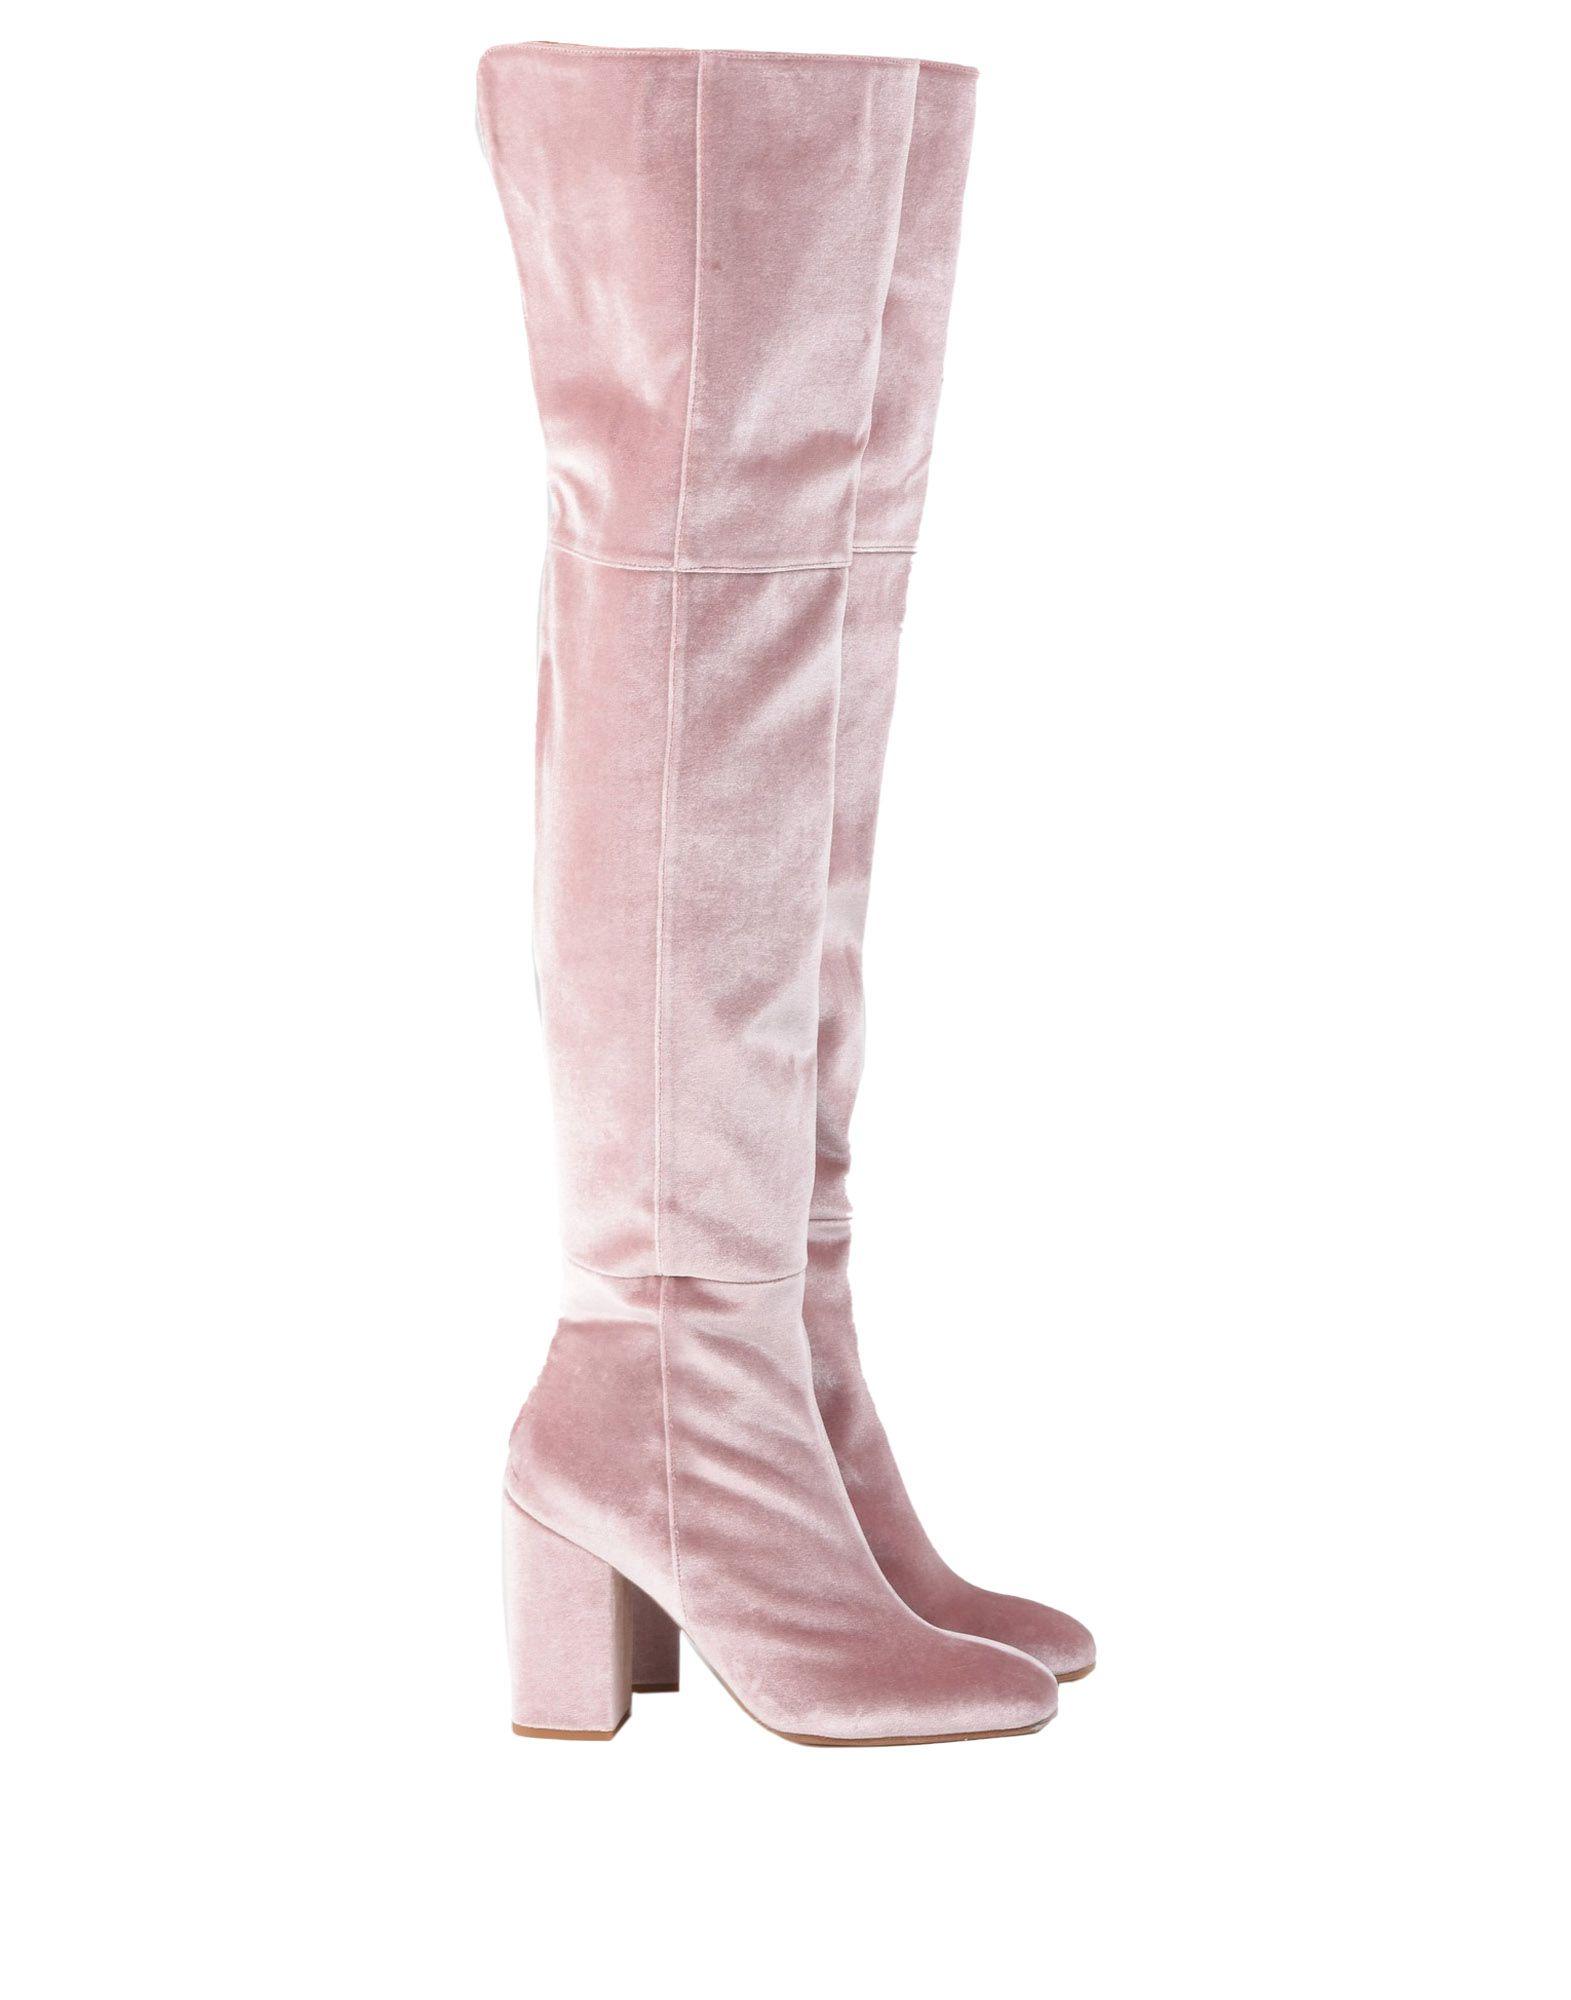 Stilvolle Damen billige Schuhe 8 Stiefel Damen Stilvolle  11339688RH 1c4735